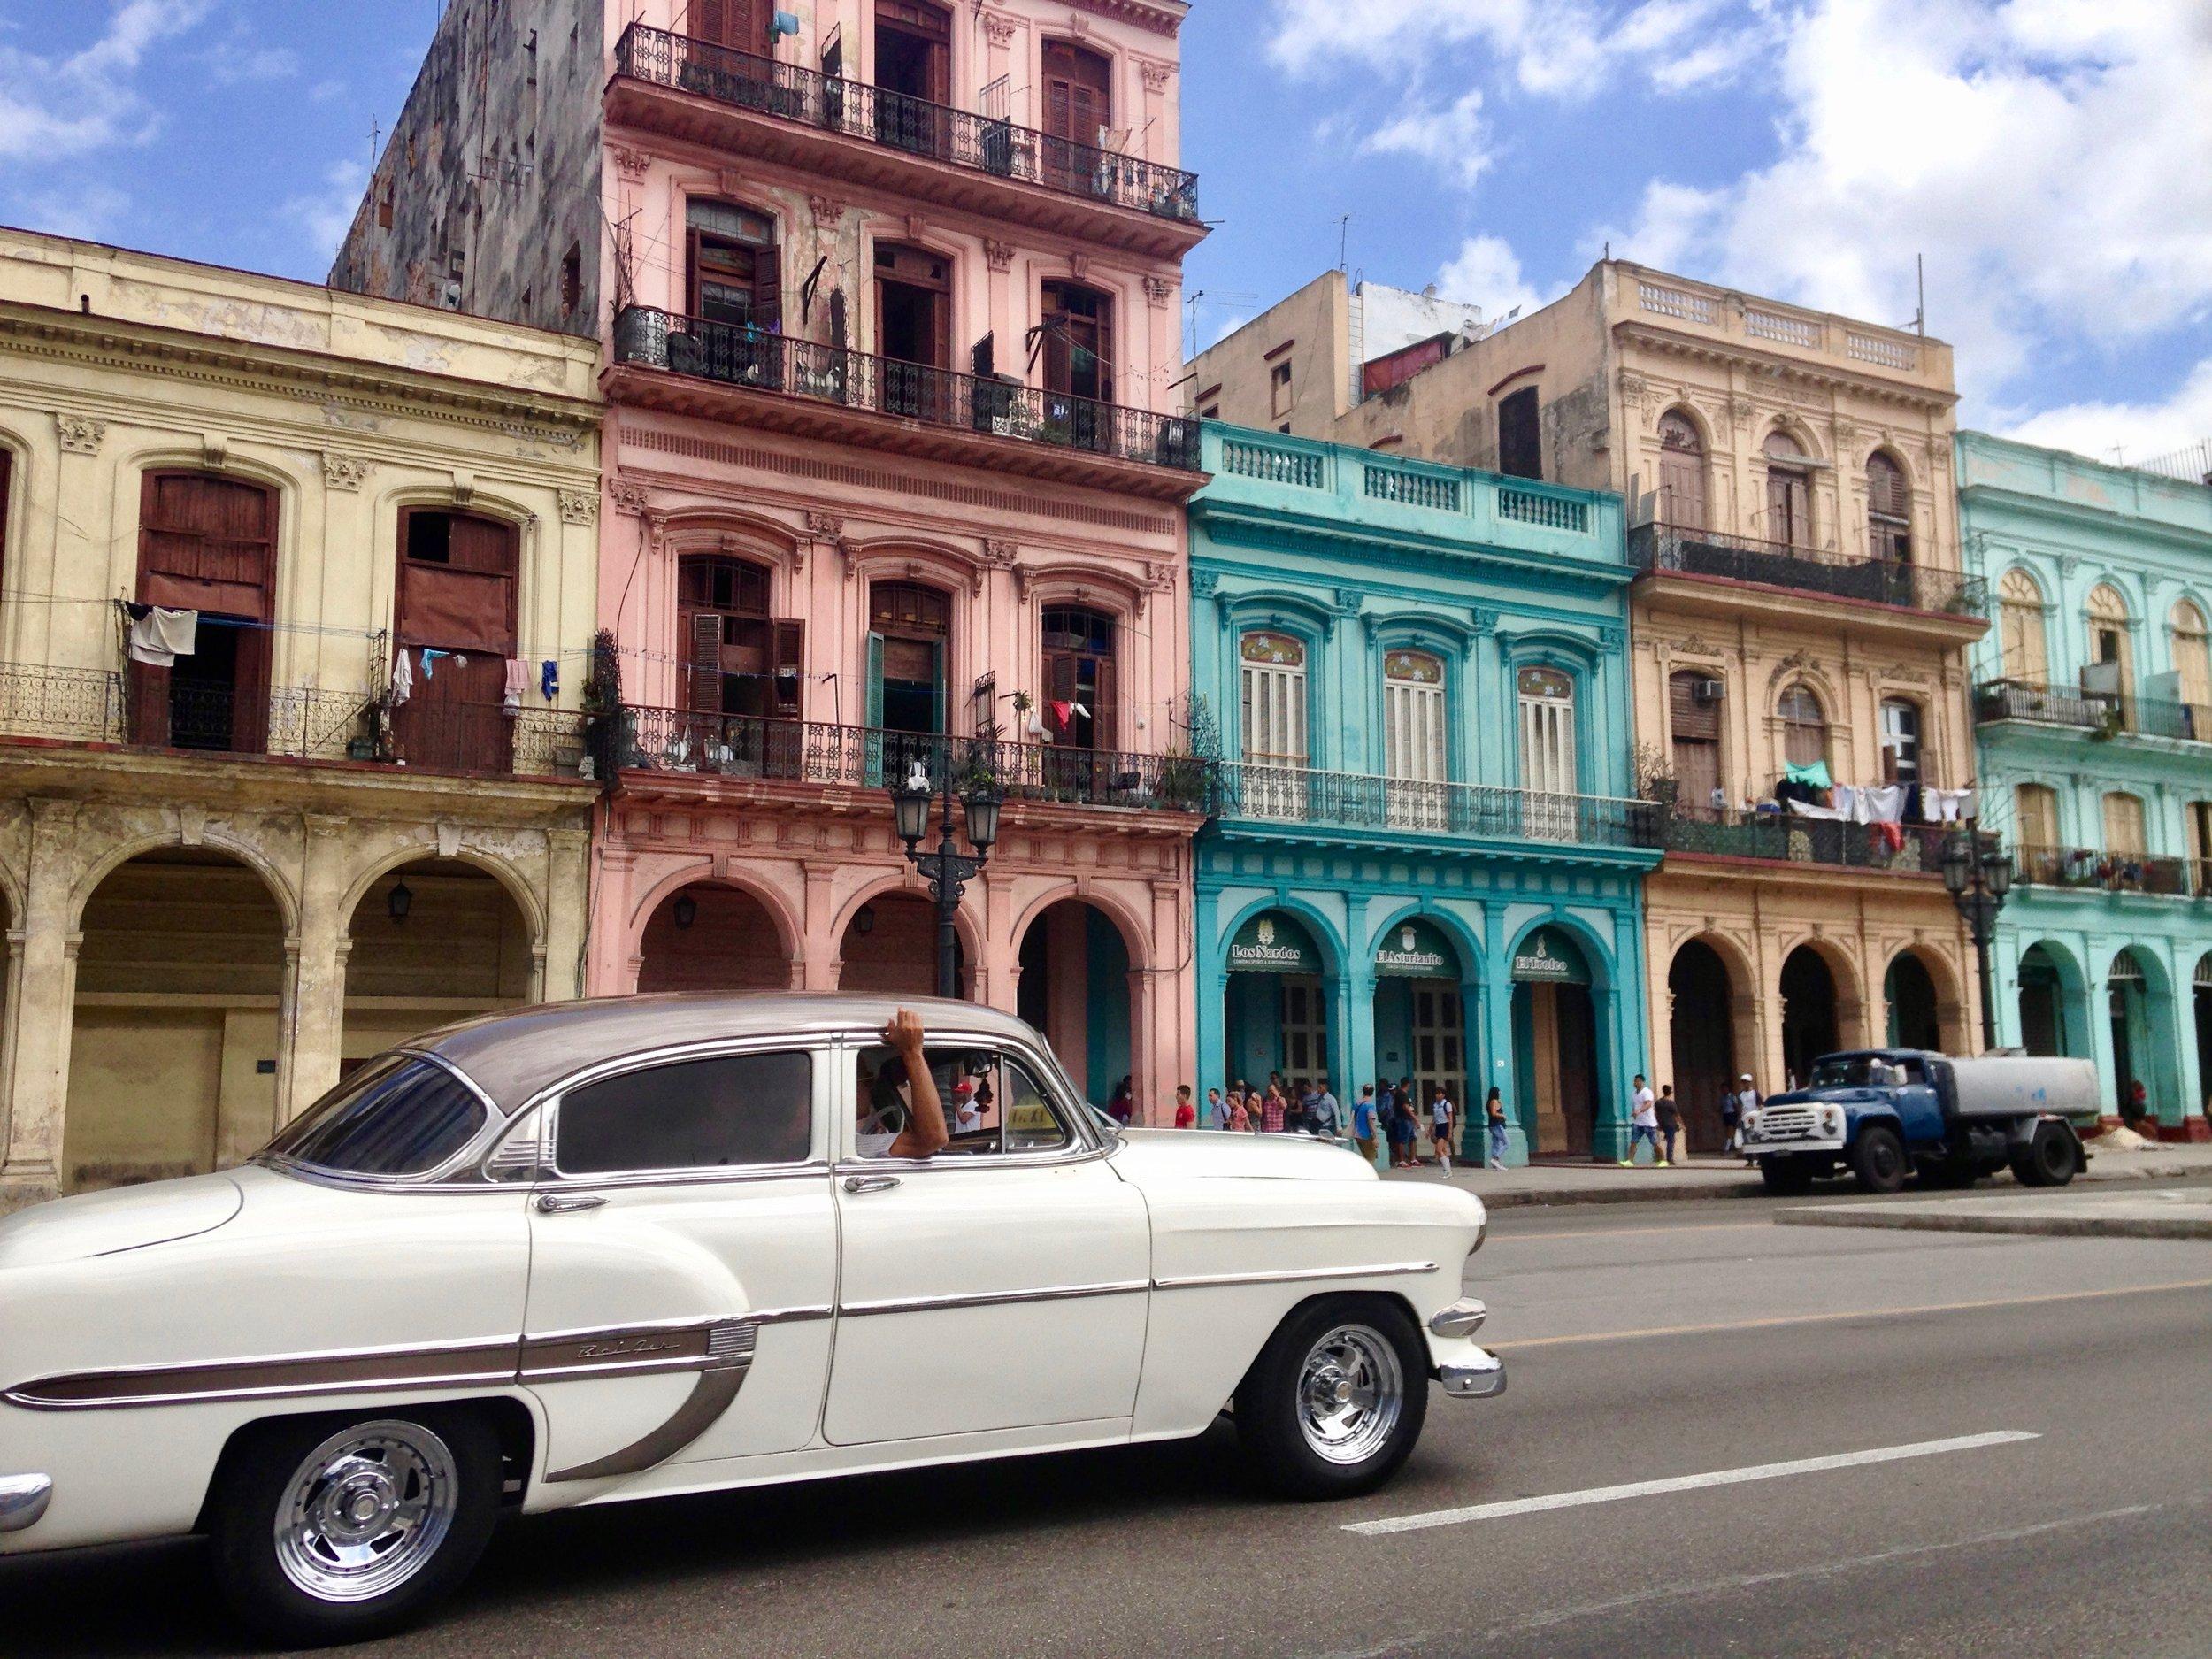 Classic Havana. Photo by J. Austria